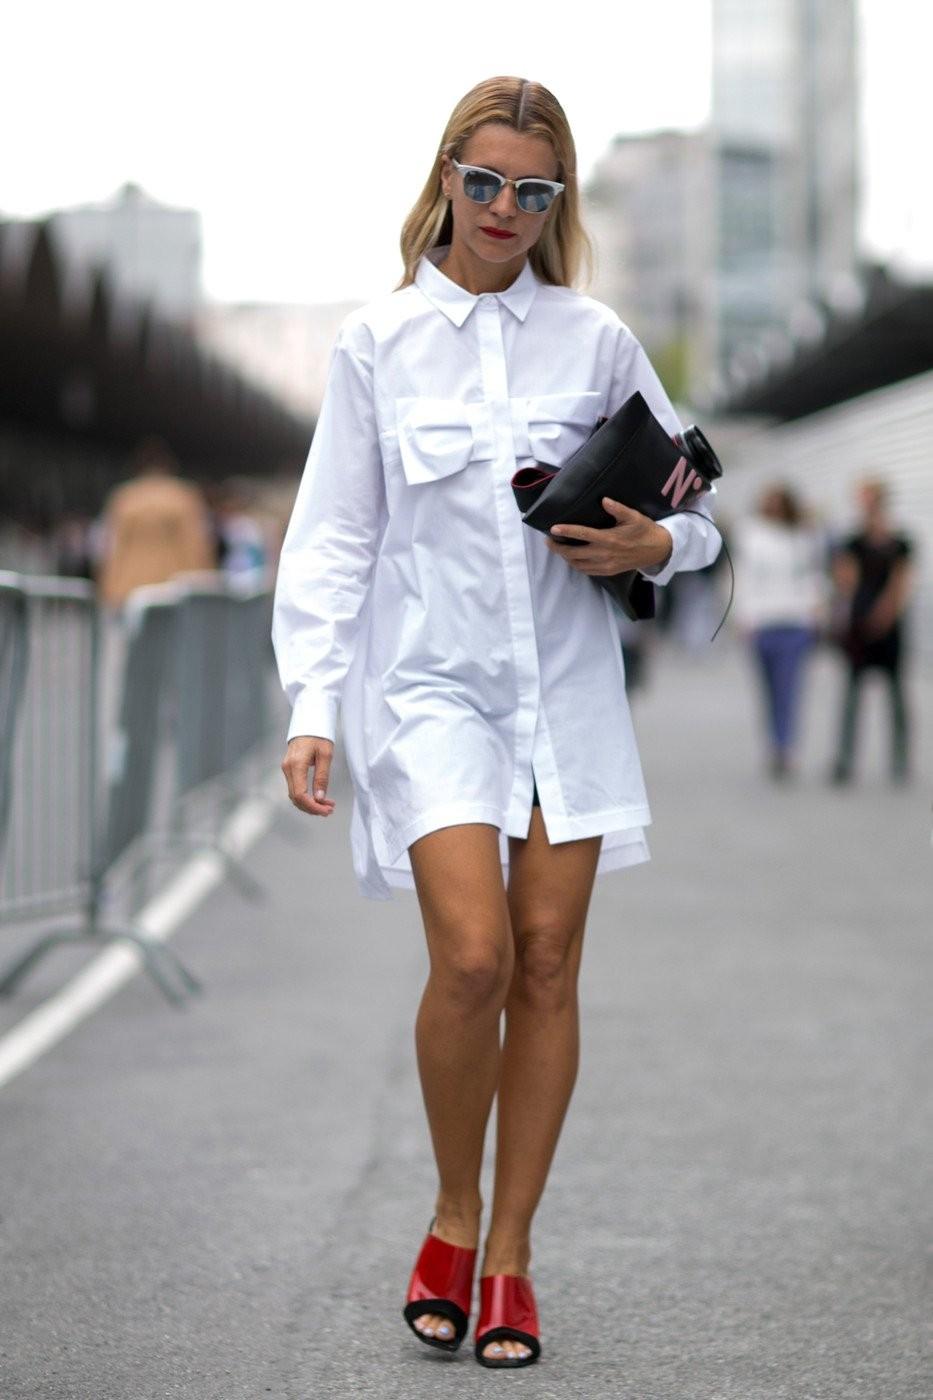 летние модные образы 2018: платье-рубашка белое